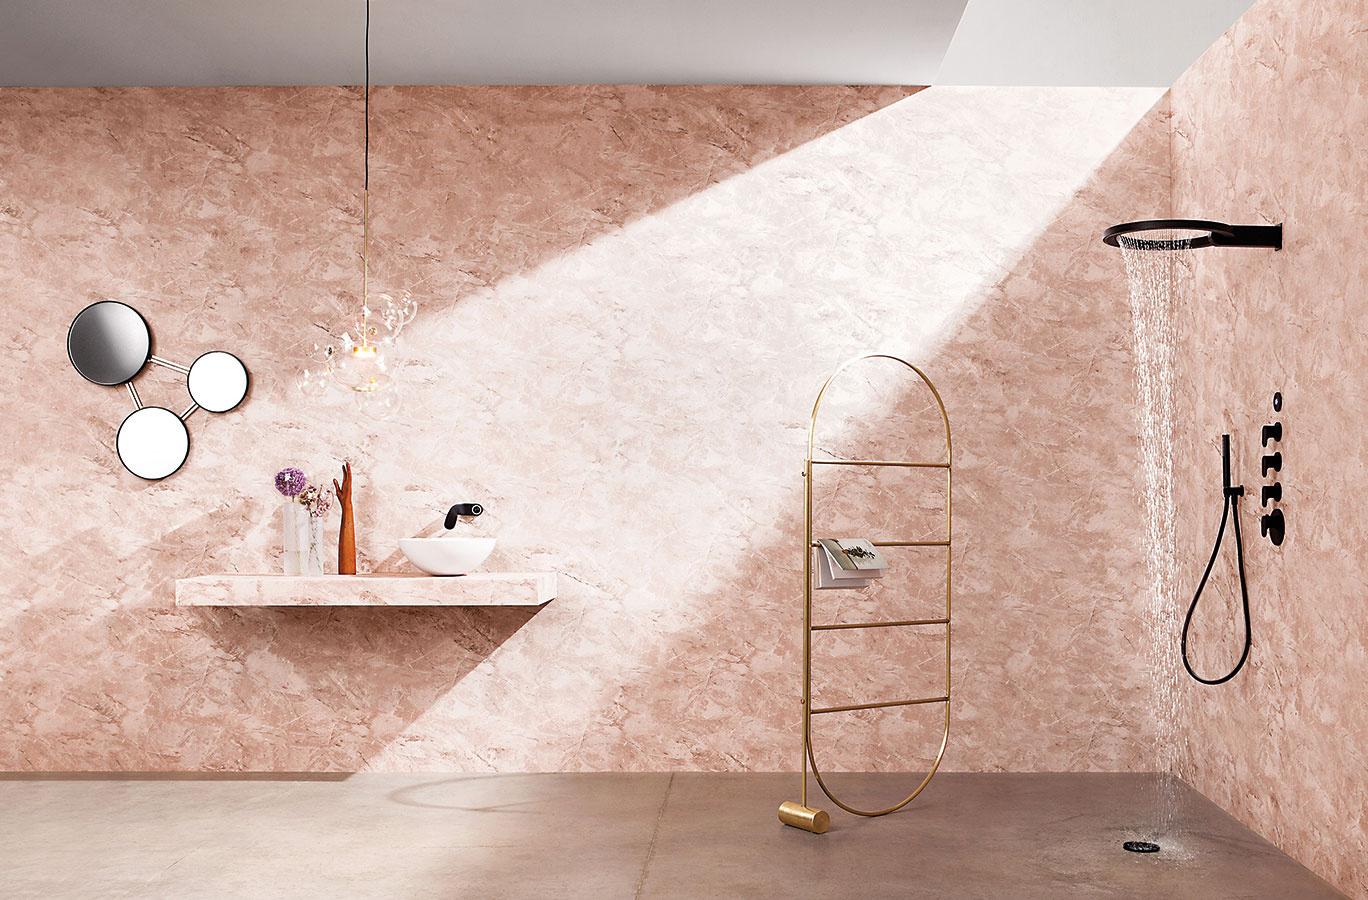 Sprchová obruč. Ojedinelý zážitok zo sprchovania prináša hlavica Ametis Ring, ktorú pre značku Graff navrhol Davide Oppizzi a ktorá získala viacero prestížnych ocenení. Na prvý pohľad jednoduchá, no rafinovaná oceľová obruč ponúka funkciu dažďa a vodopádu. Integrovaný LED systém umožňujúci výber zo šiestich farieb sa postará o navodenie správnej atmosféry.